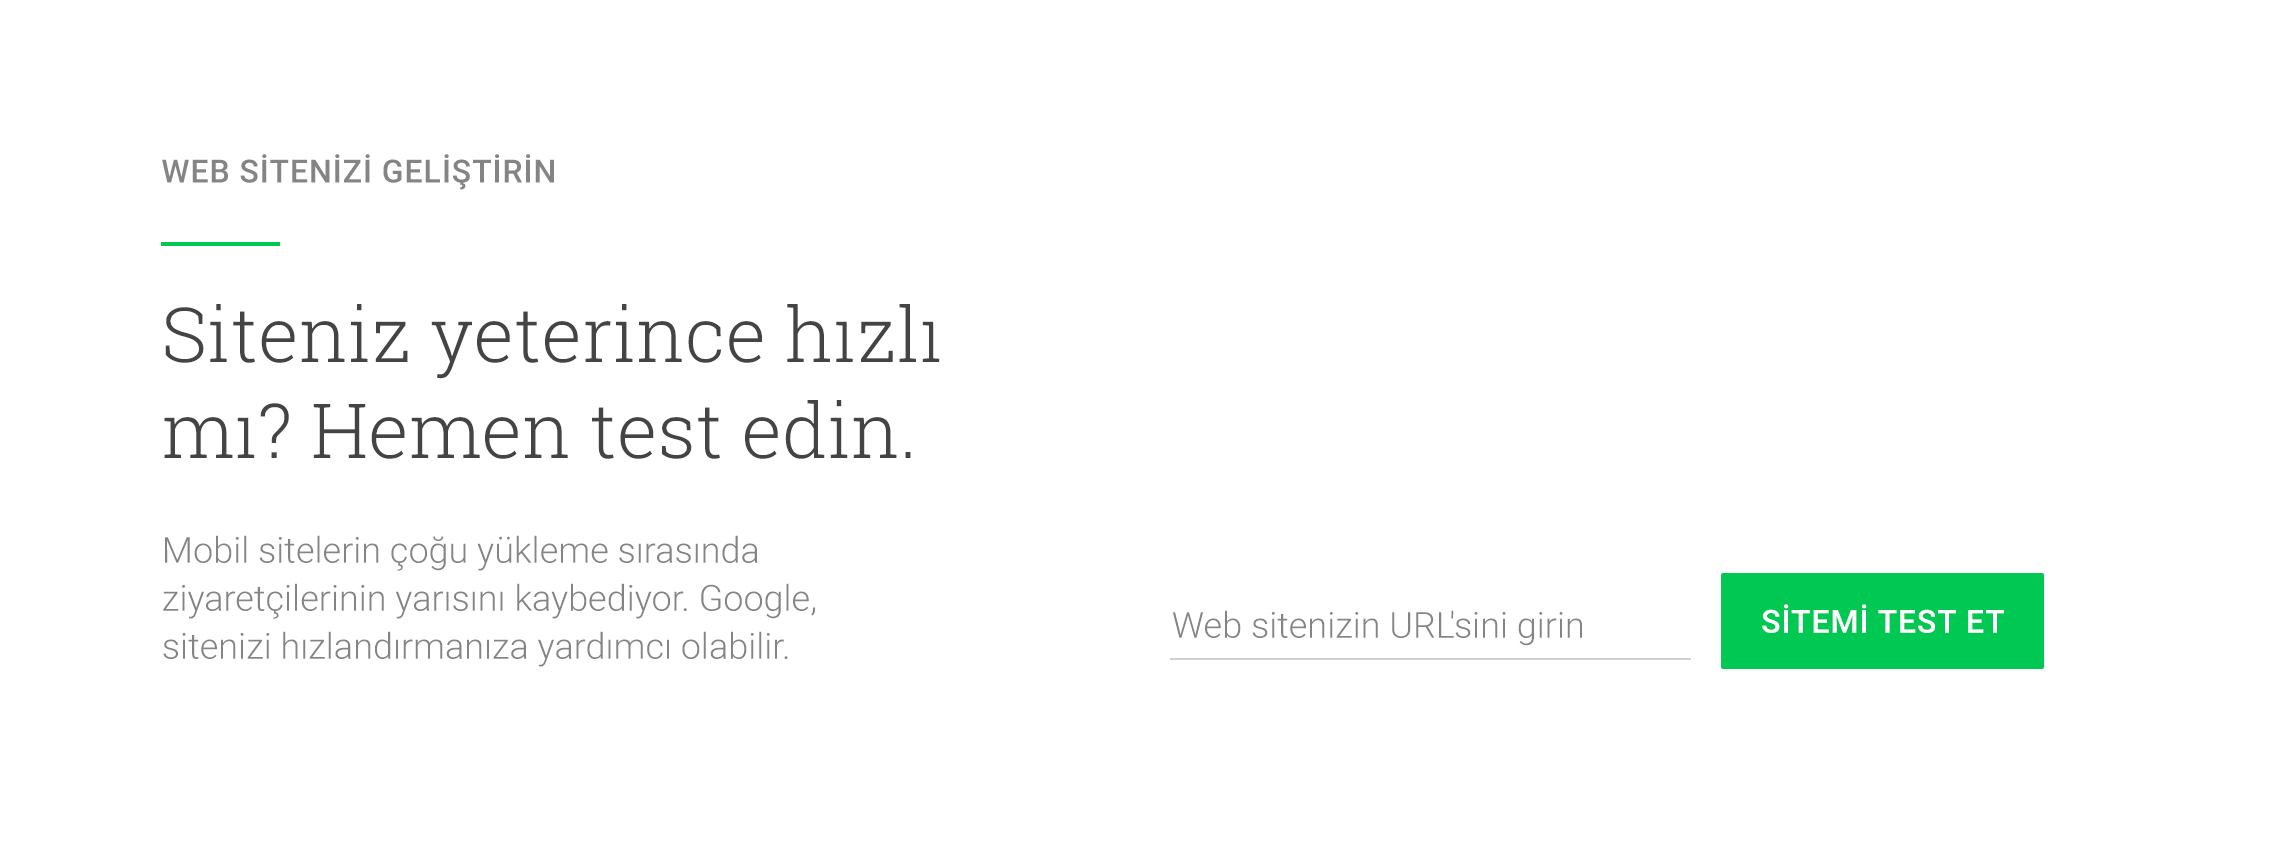 f786f_J724-TMS_D_Widget-Turkish